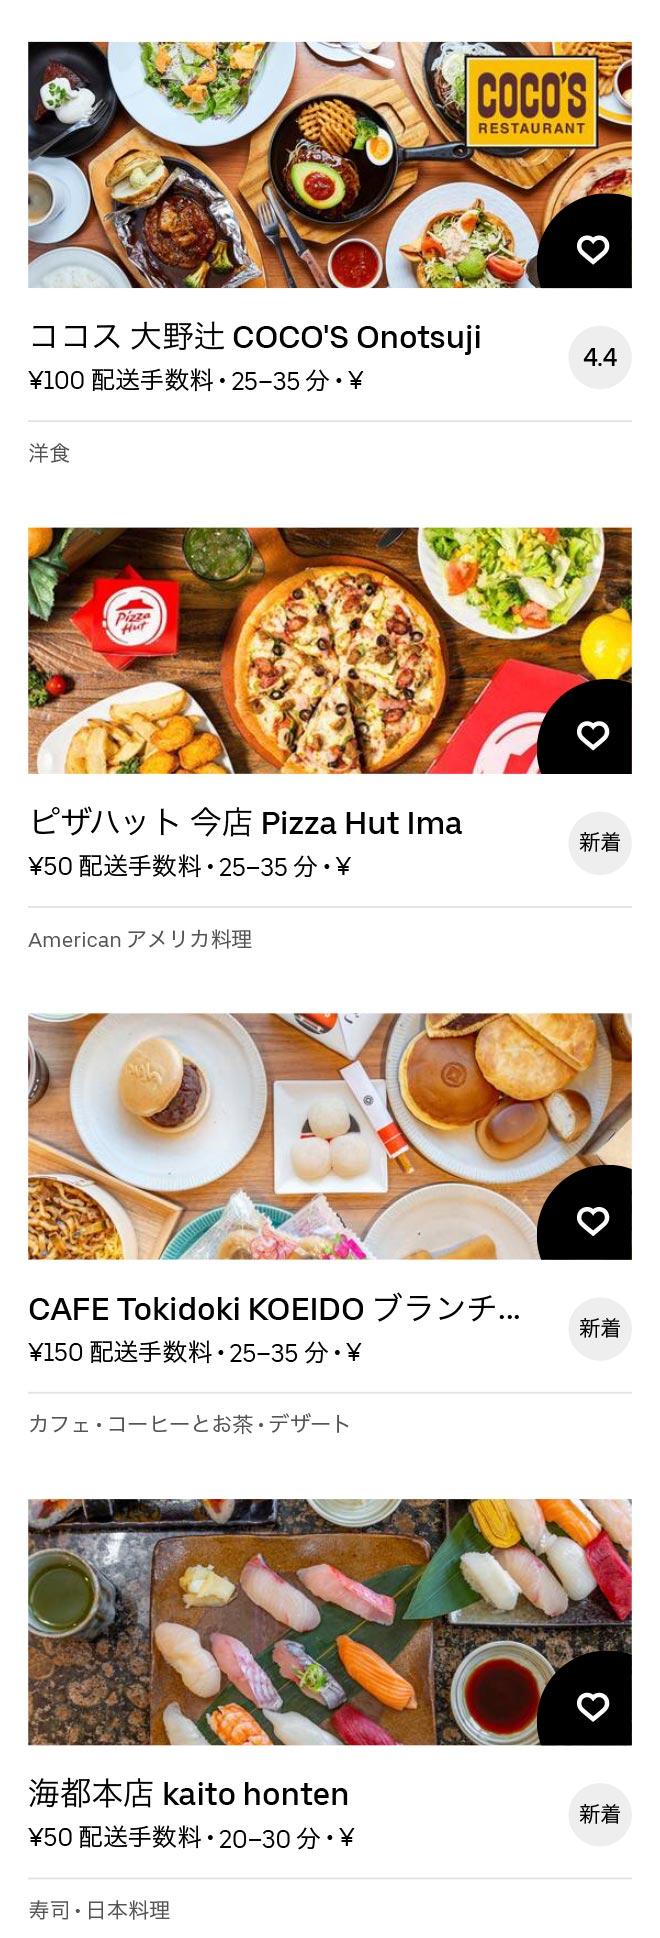 Bizen nishiichi menu 2011 11